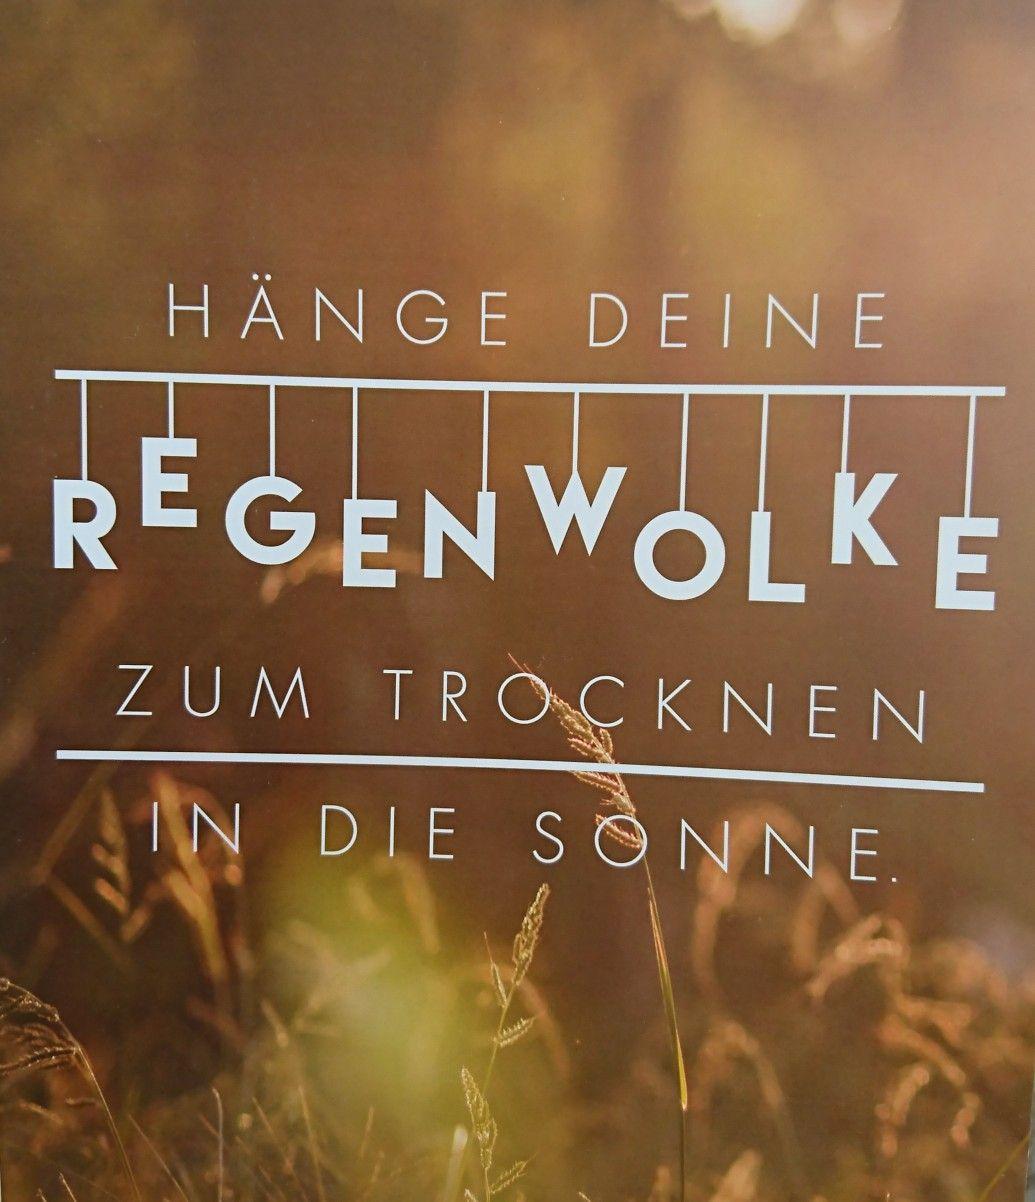 regenwolke #sonne #zitate #sprueche | Sprüche | Love me quotes